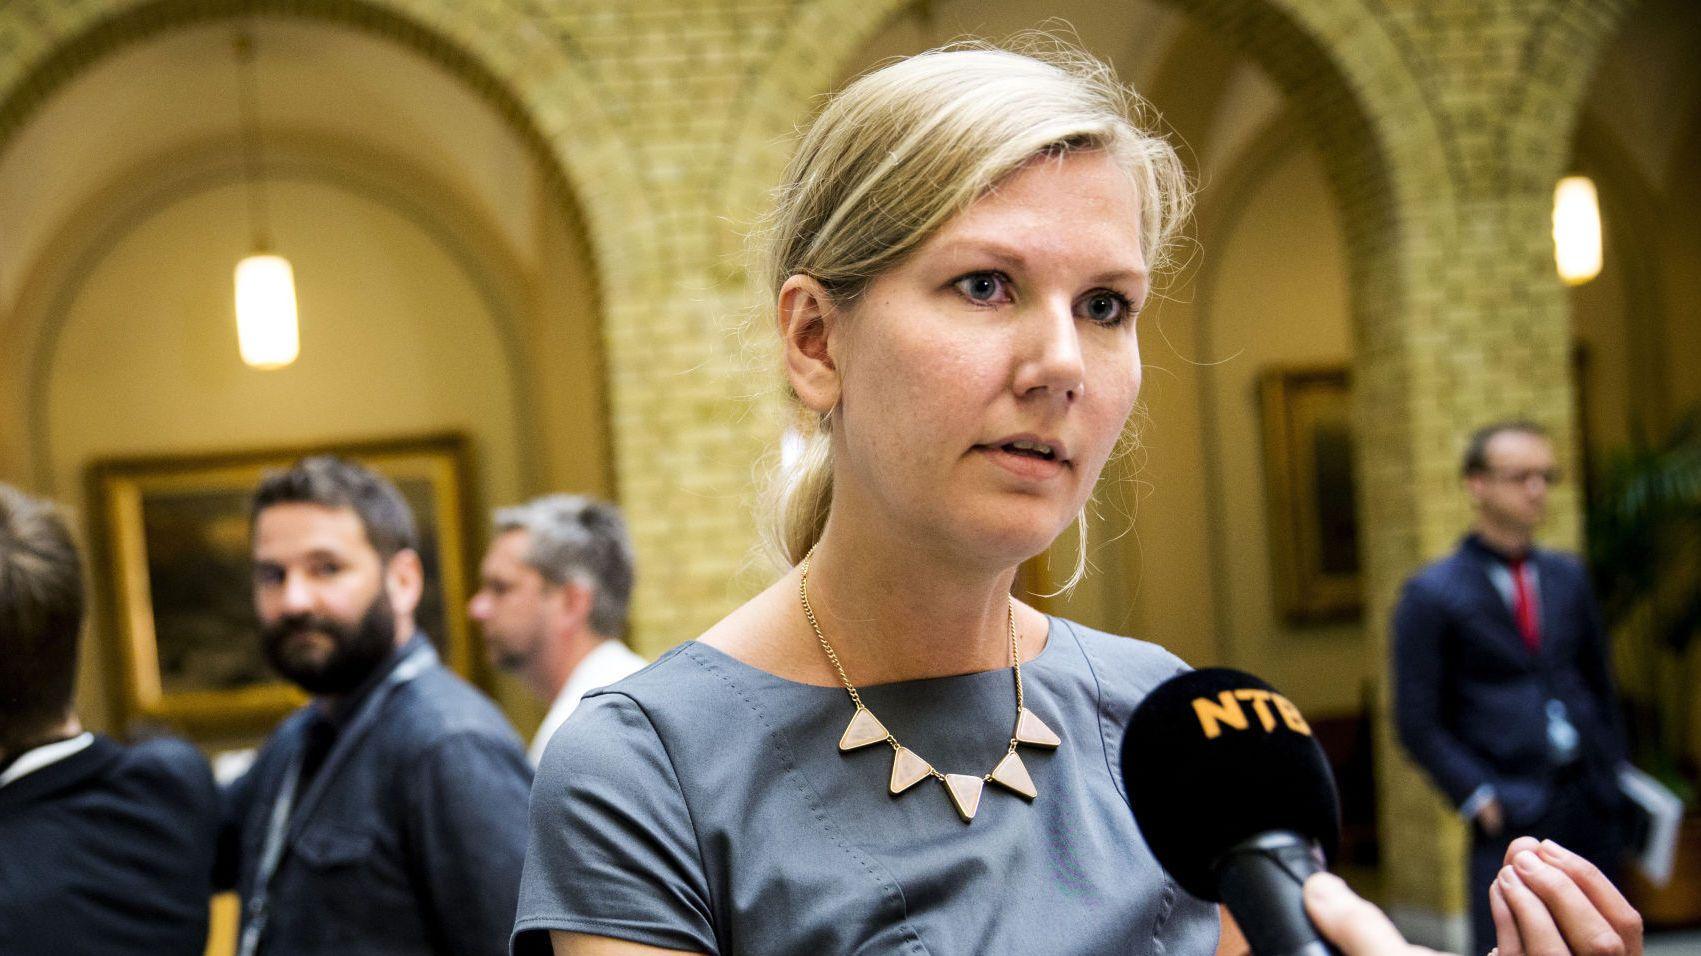 OVERRASKET: Arbeiderpartiets finanspolitiske talskvinne Marianne Marthinsen sier regjeringens formuesskatteopplegg har en enda verre fordelingsprofil enn hun hadde forestilt seg.